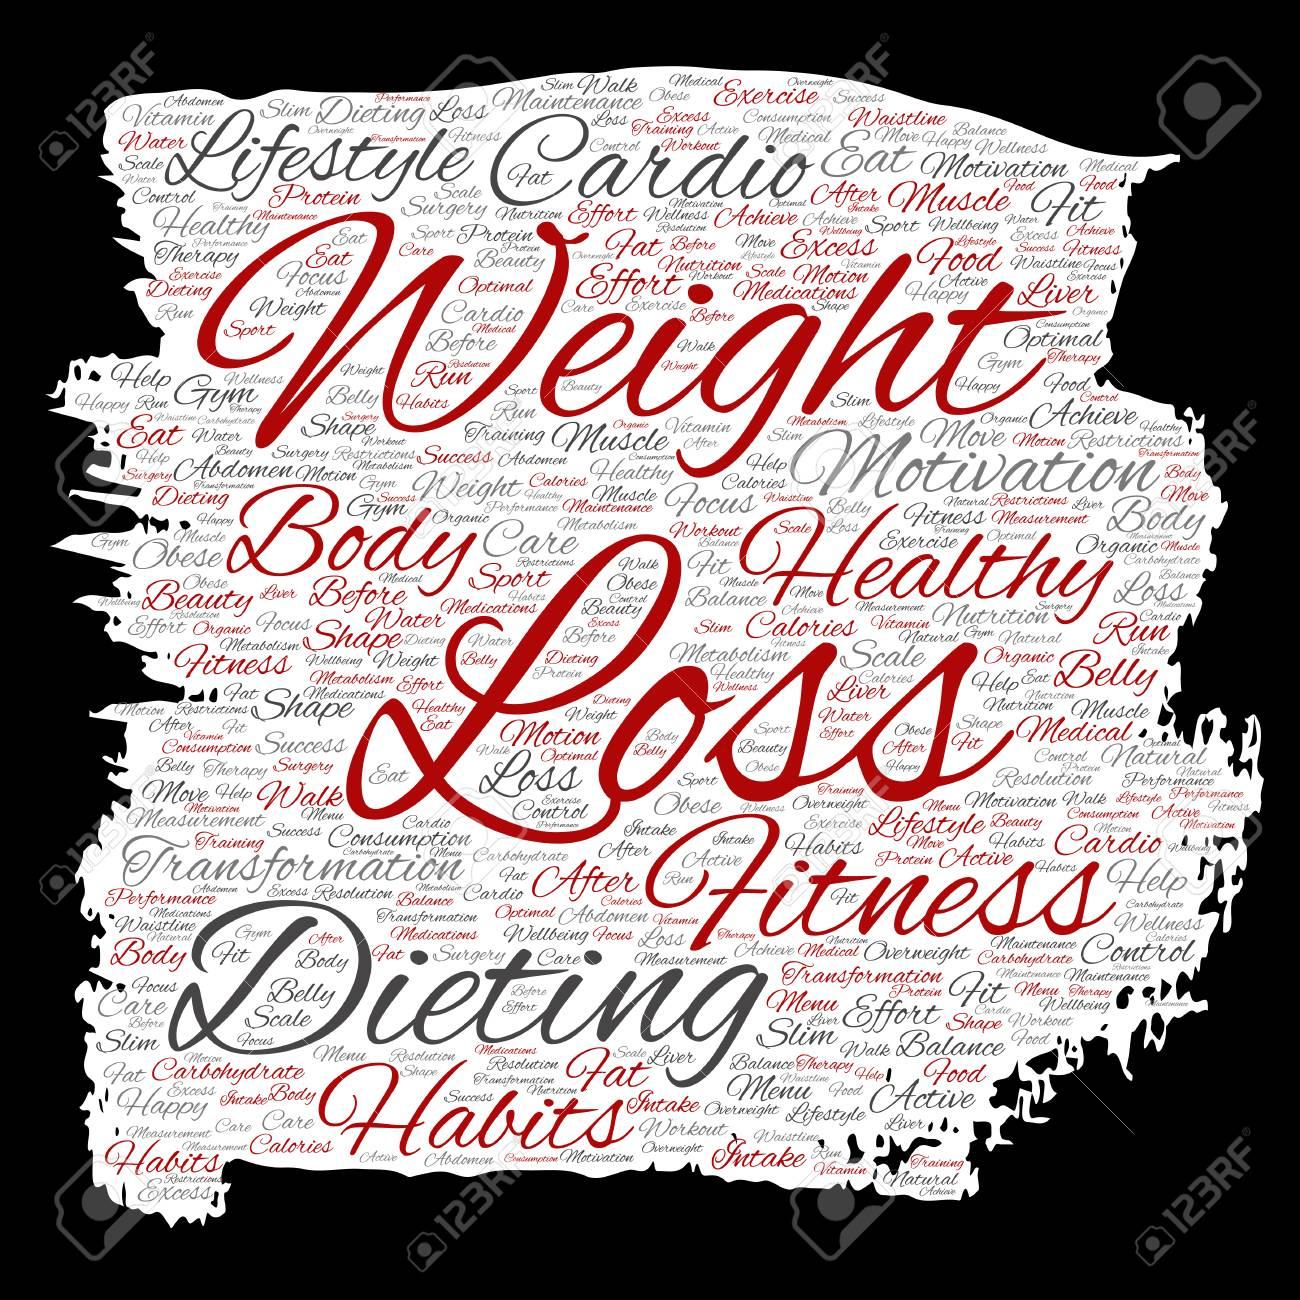 Konzeptionelle Gewichtsverlust Gesunde Diat Transformation Farbe